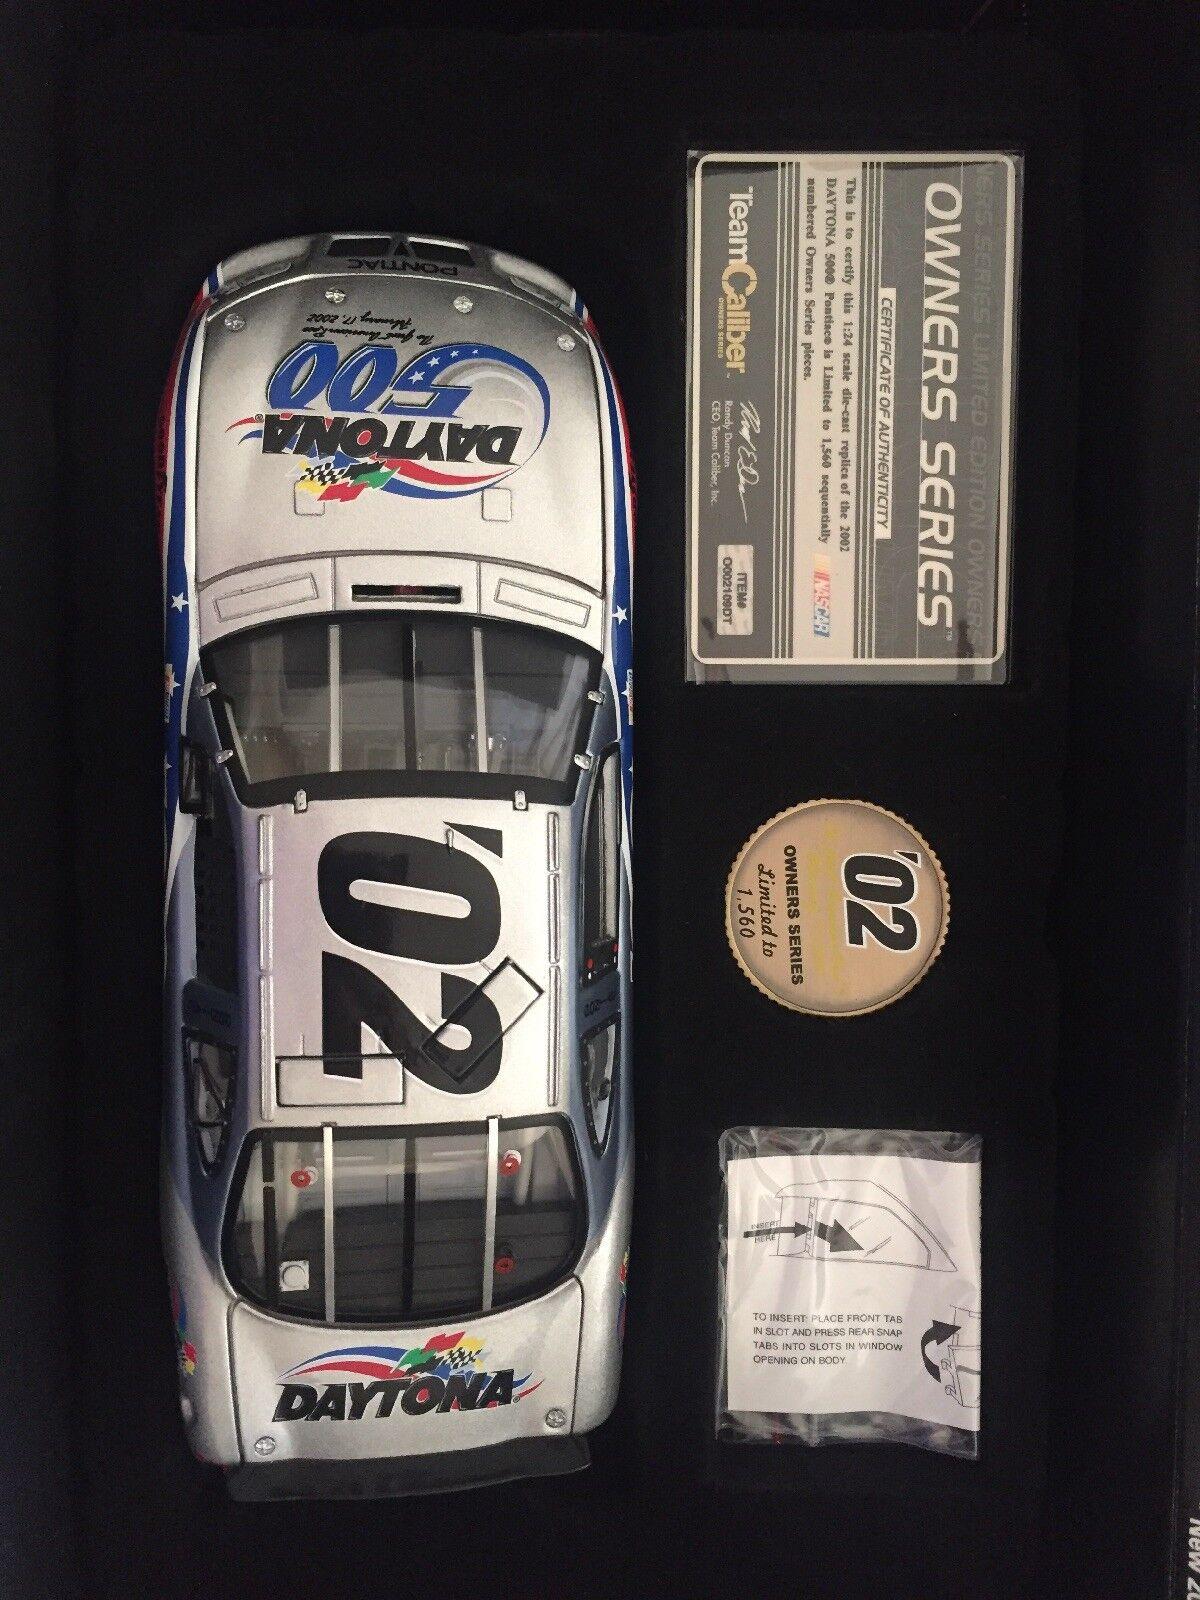 alta calidad general Nuevo En Caja 2002 2002 2002 Daytona 500 Pace Coche 1 24 DIE-CAST réplica  moda clasica